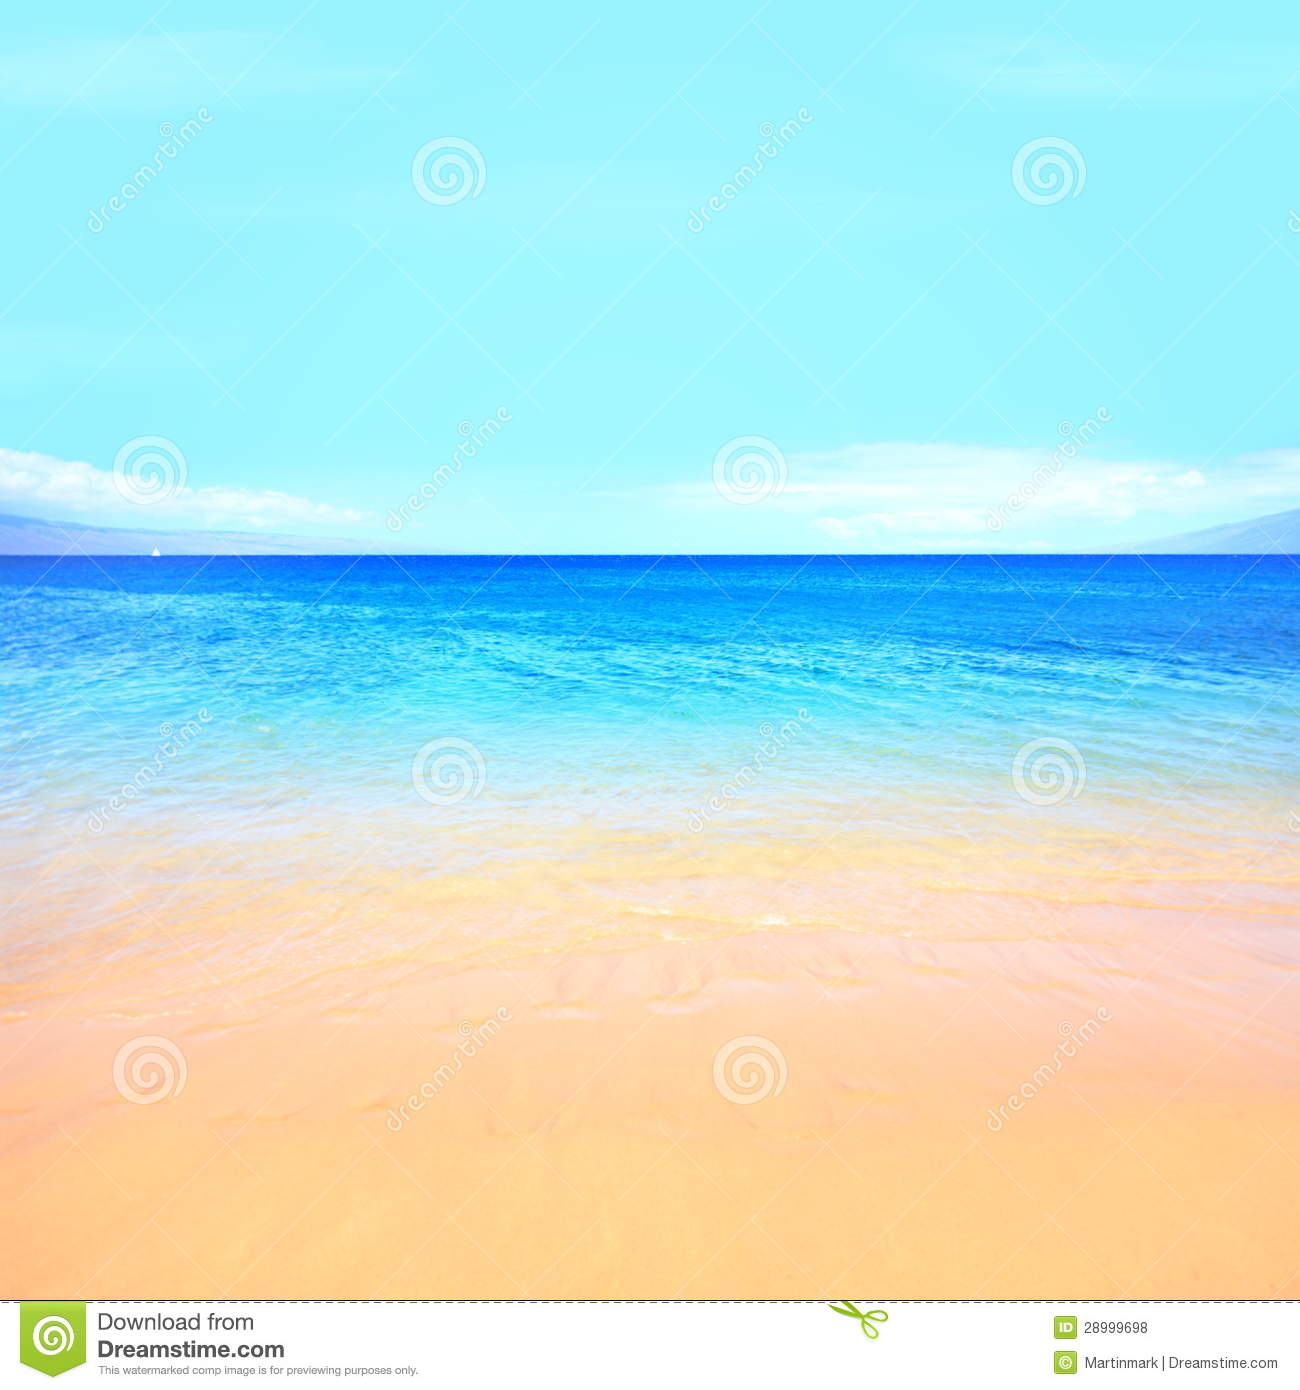 Fundo Do Oceano Da Praia Fotos de Stock Royalty Free.